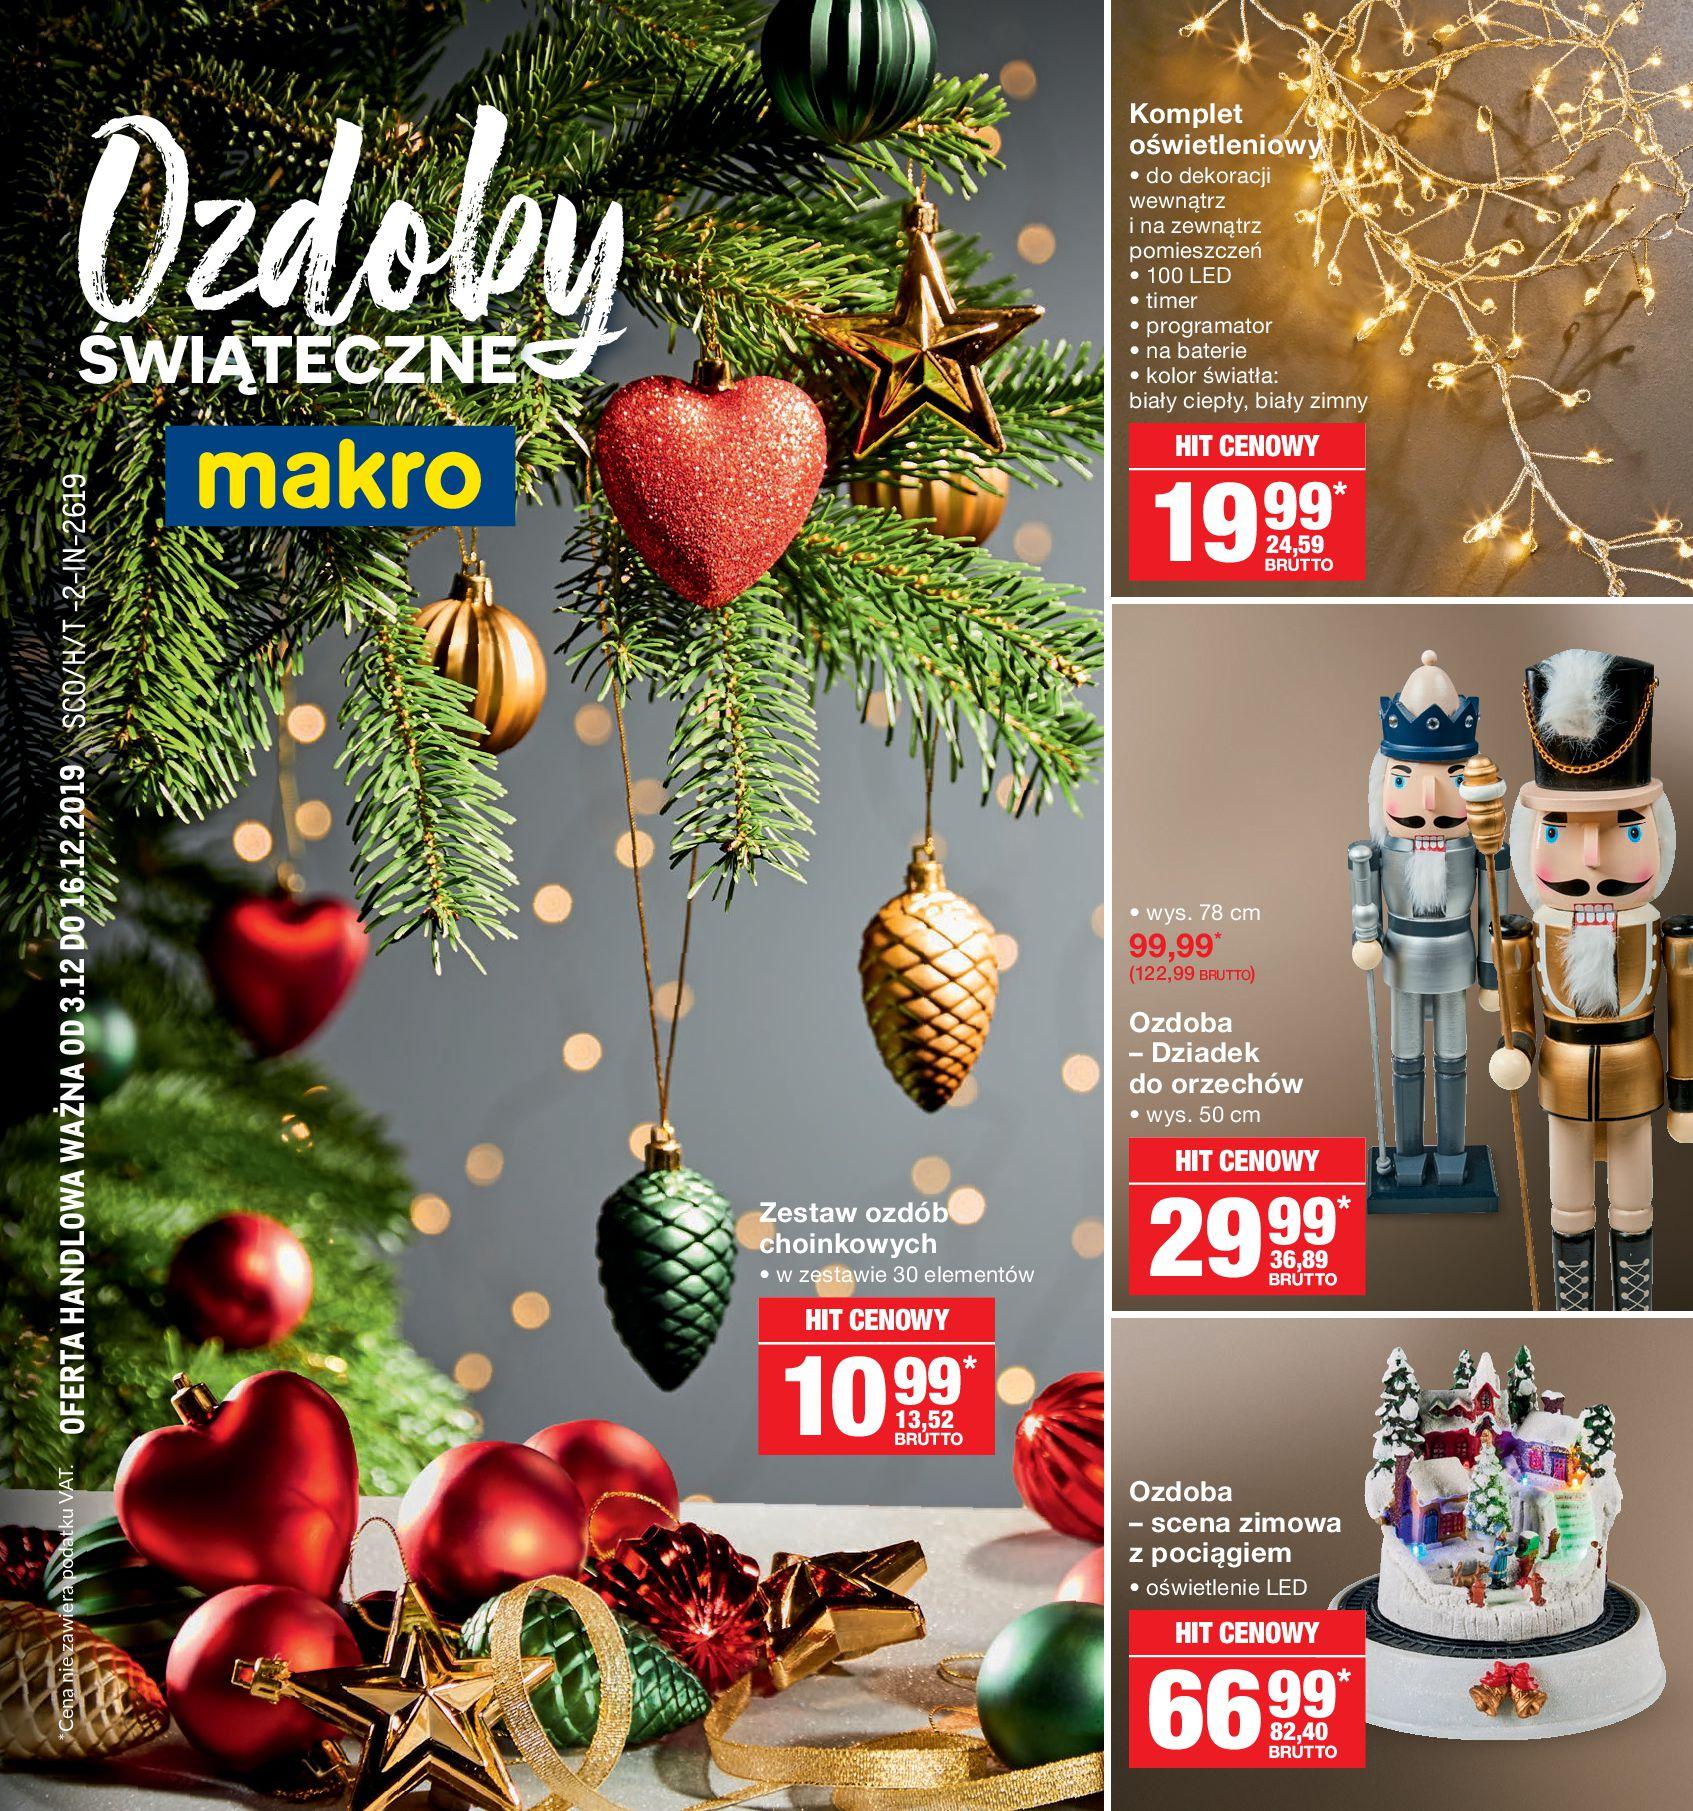 Gazetka Makro - Ozdoby świąteczne-02.12.2019-16.12.2019-page-1